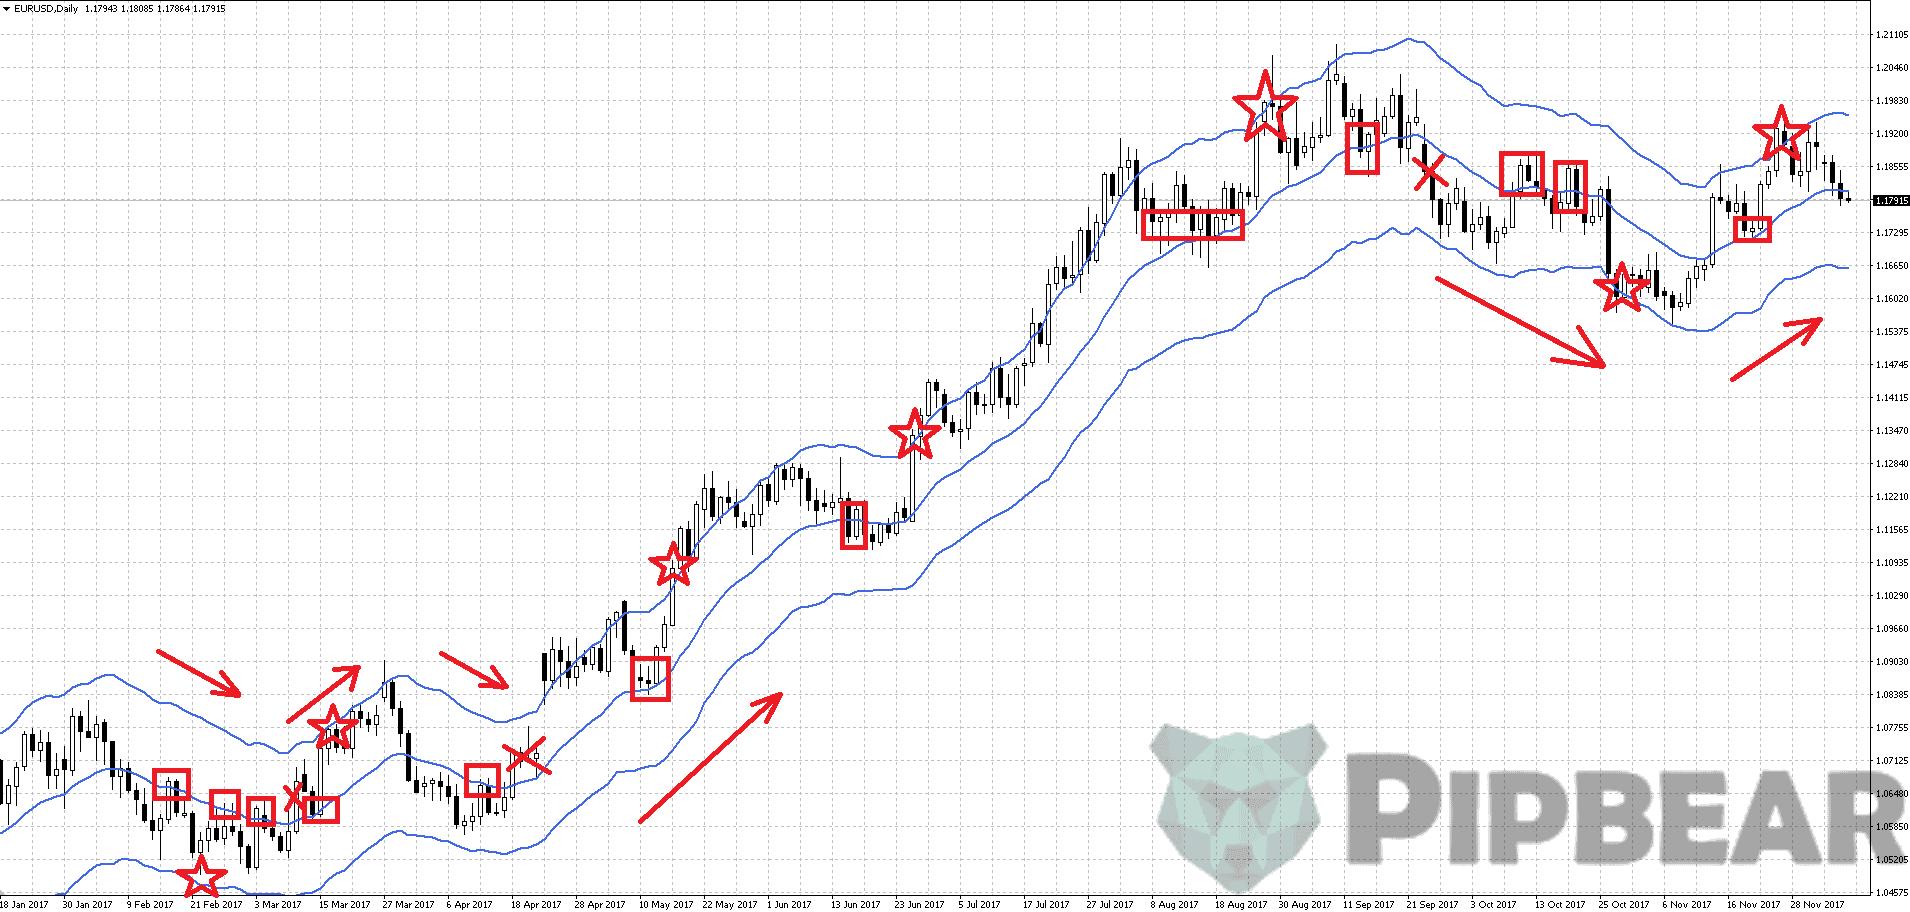 Keltner channel trading approach